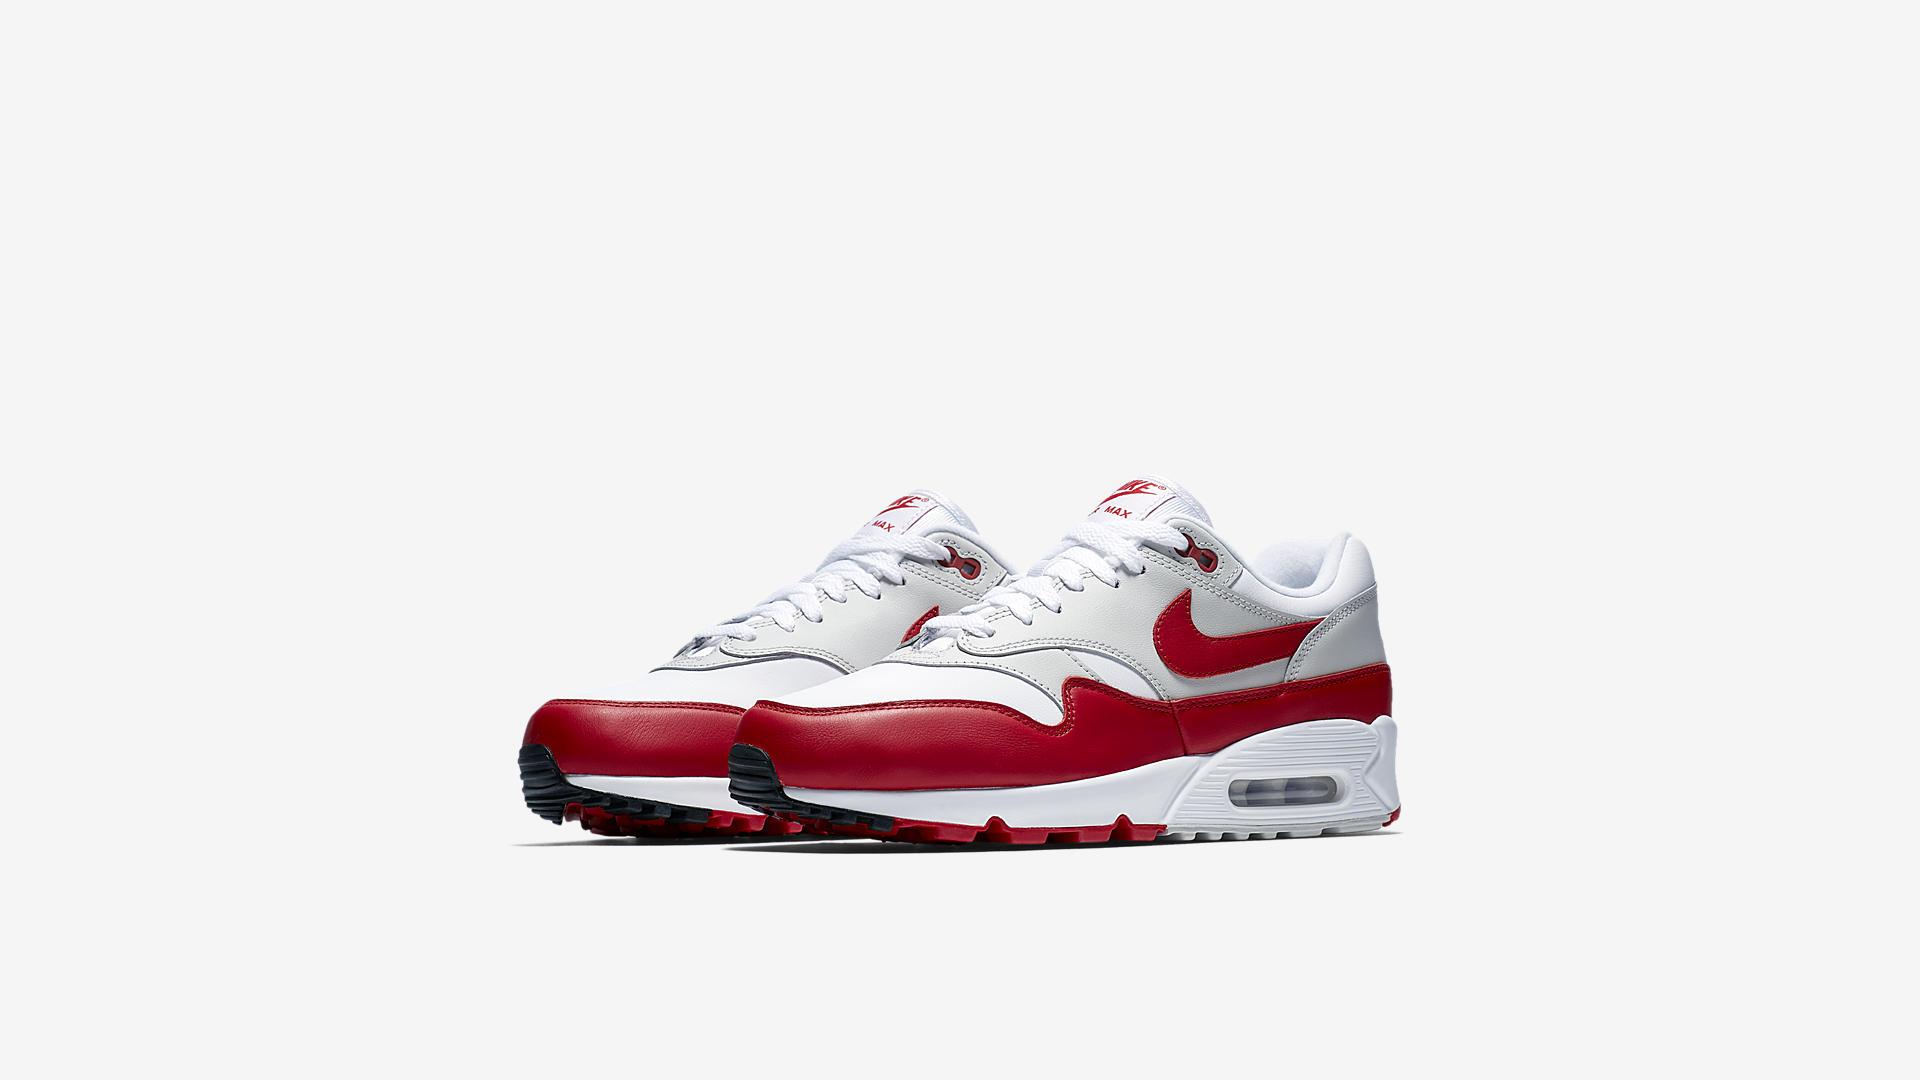 Nike Air Max 90 / 1 'OG Red'